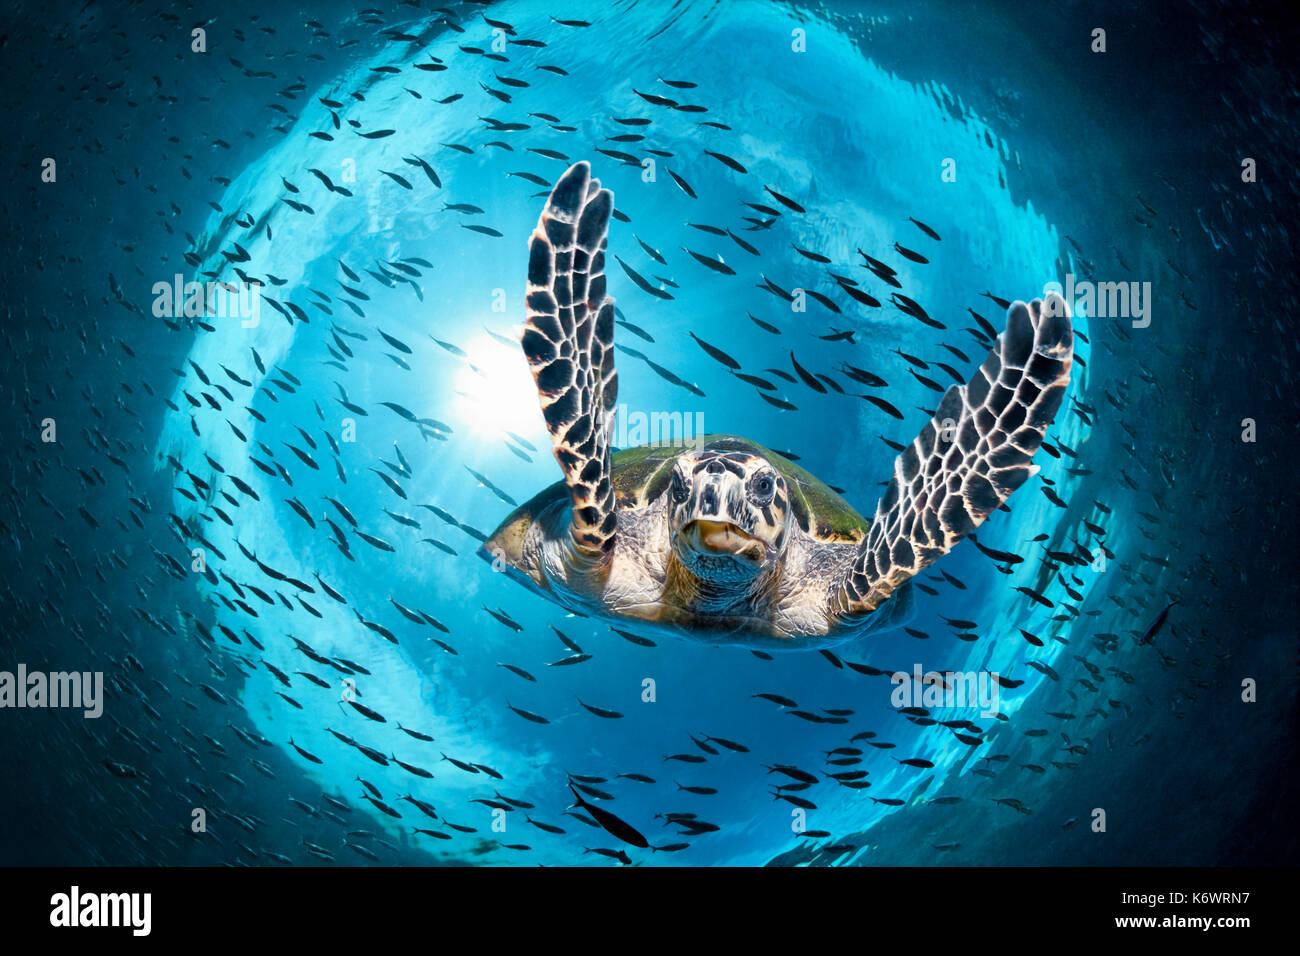 Tartaruga verde (Chelonia Mydas) immersioni sotto, retroilluminato, pesce swarm, riflessione totale, della grande barriera corallina, Unesco Immagini Stock